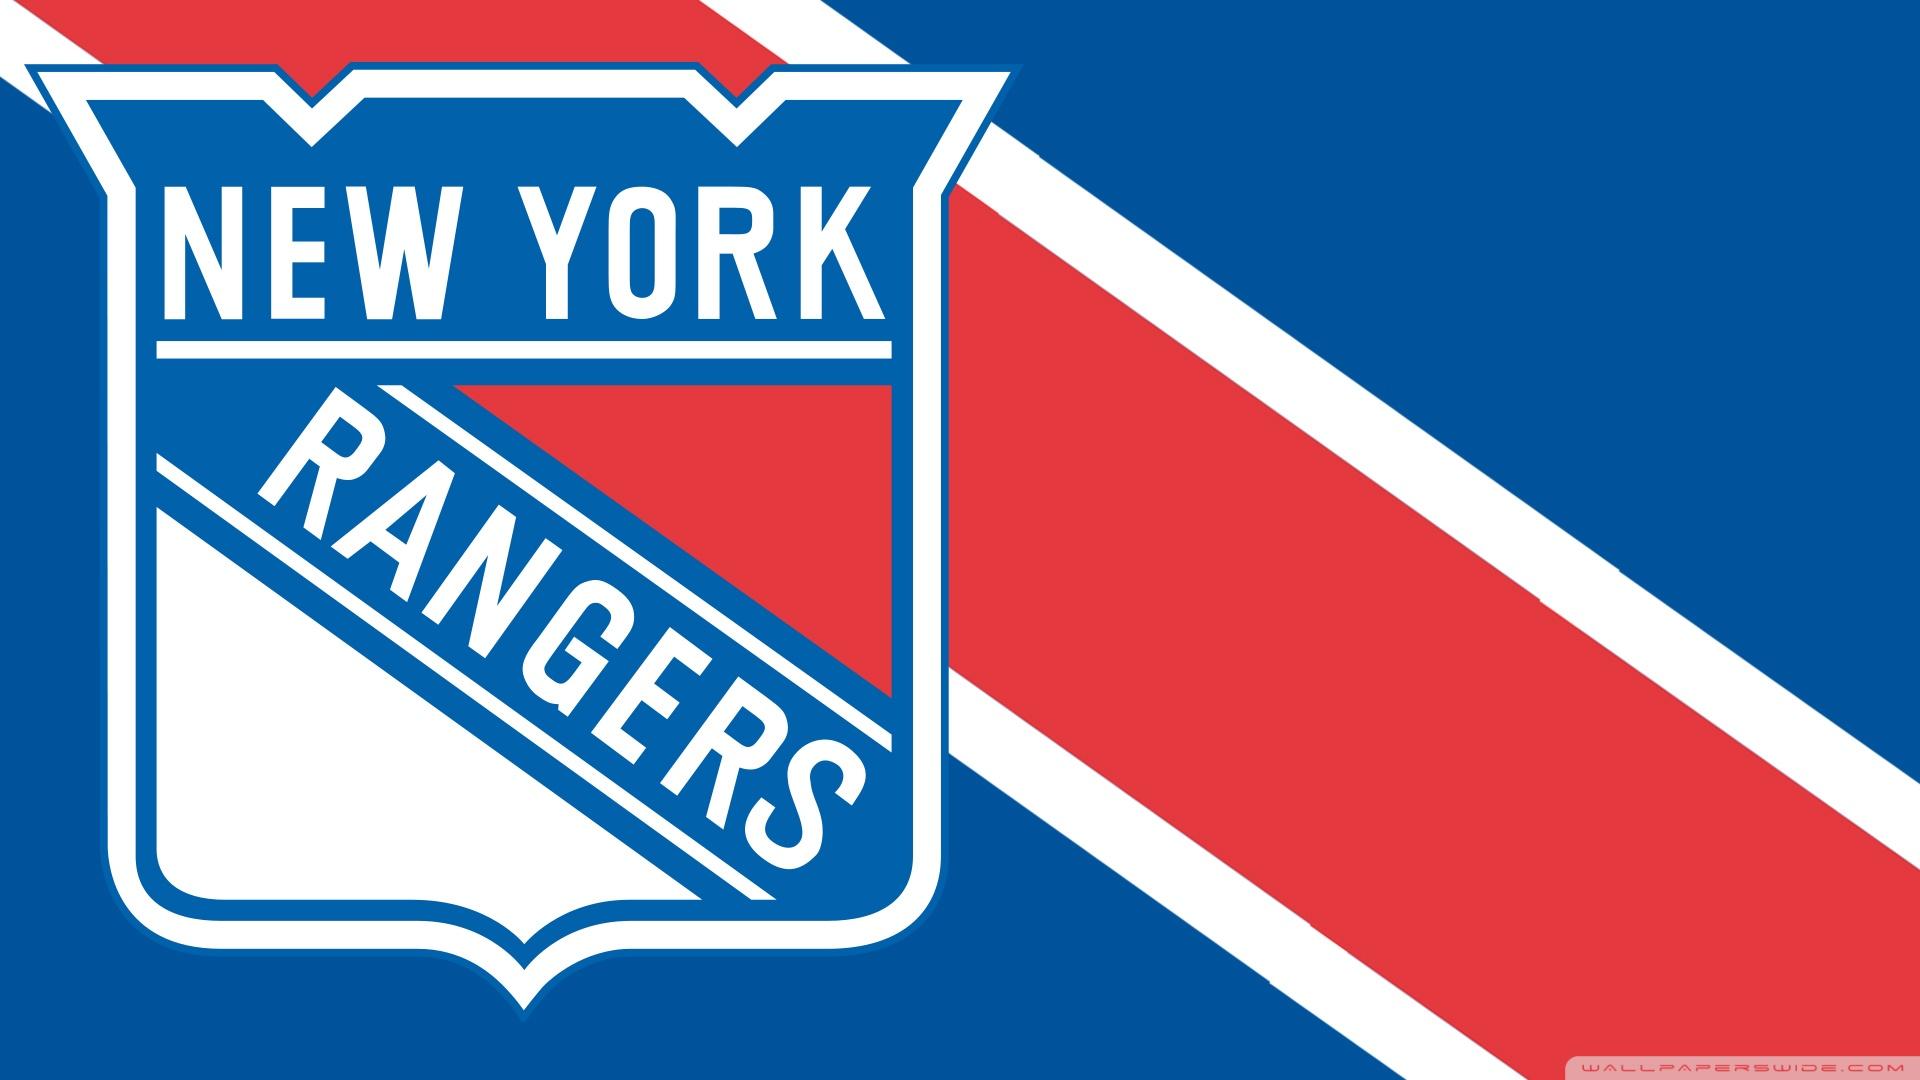 Standard - New York Rangers 1080p , HD Wallpaper & Backgrounds